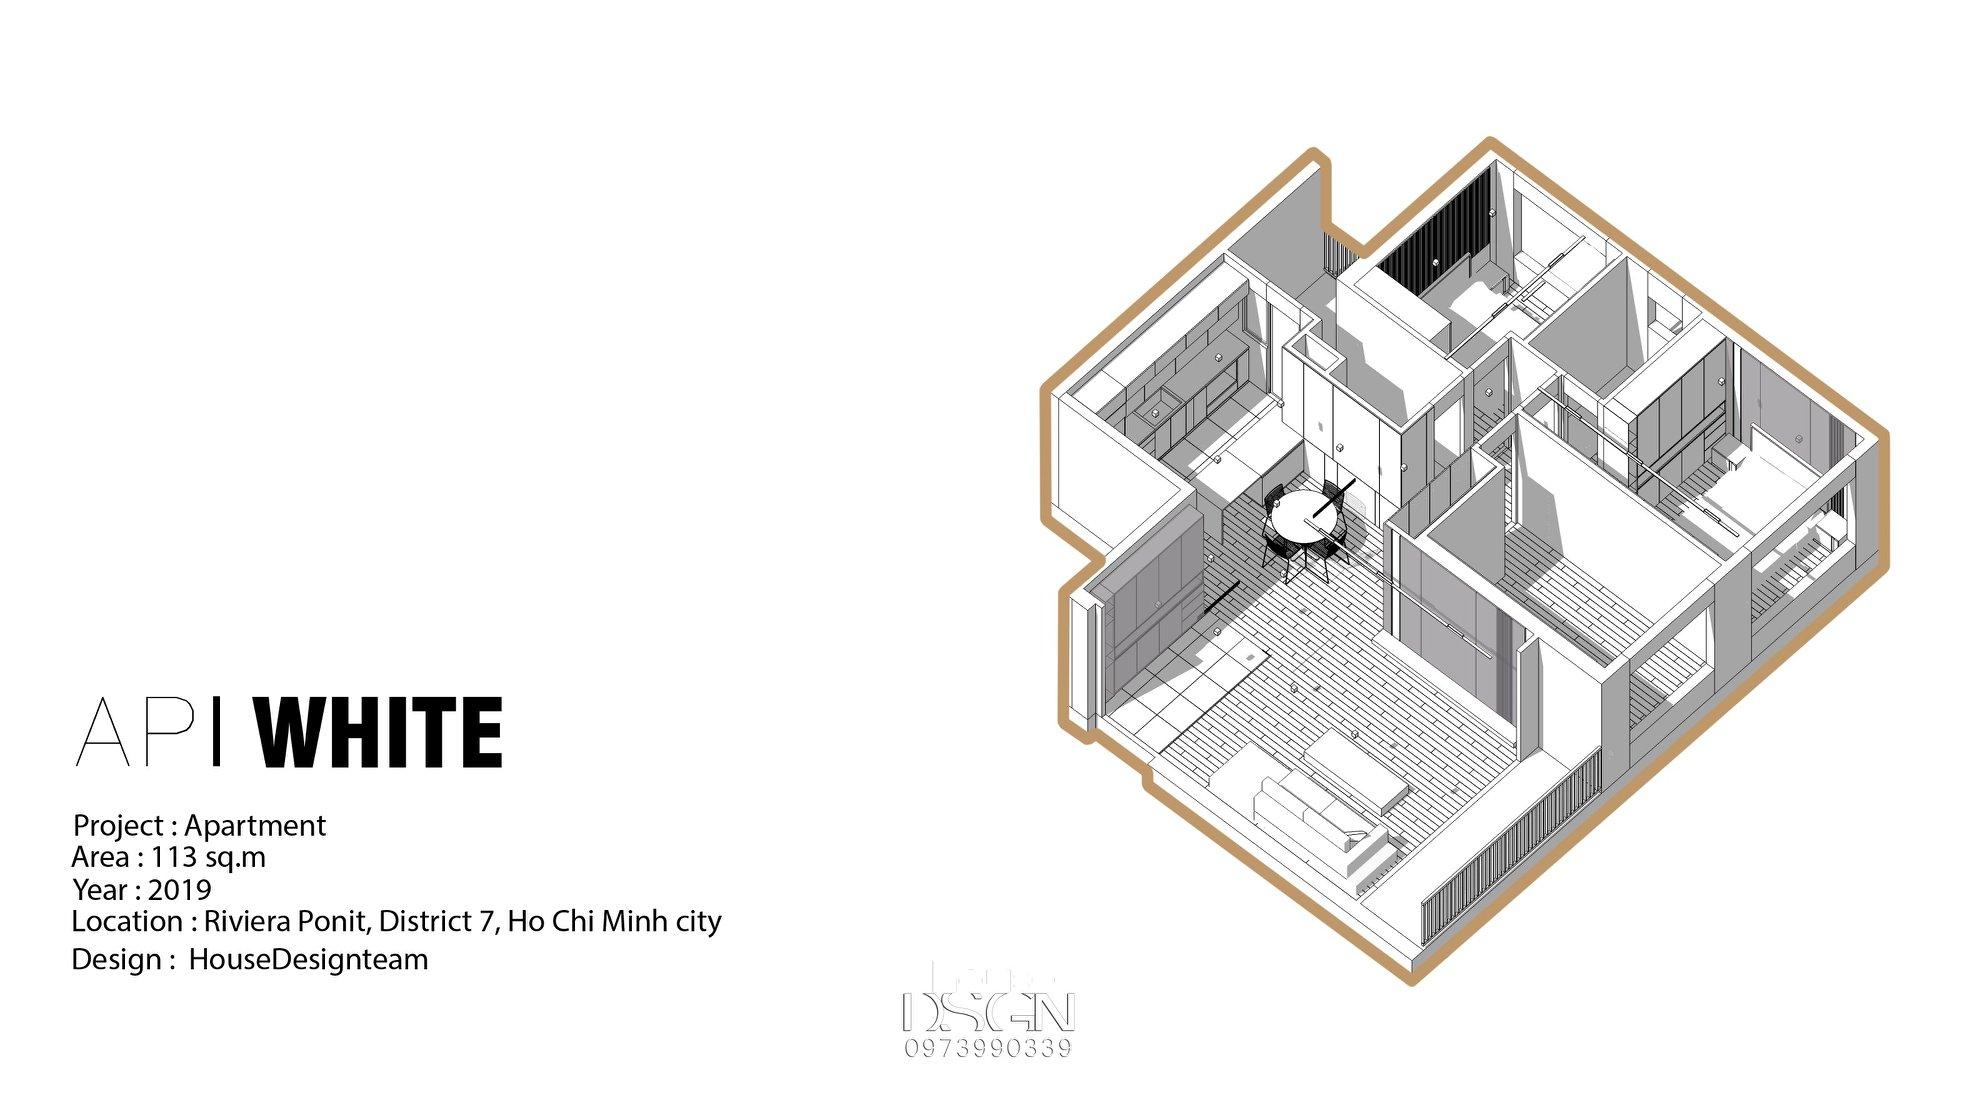 sơ đồ chung cư 3 phòng ngủ cho căn hộ chuẩn